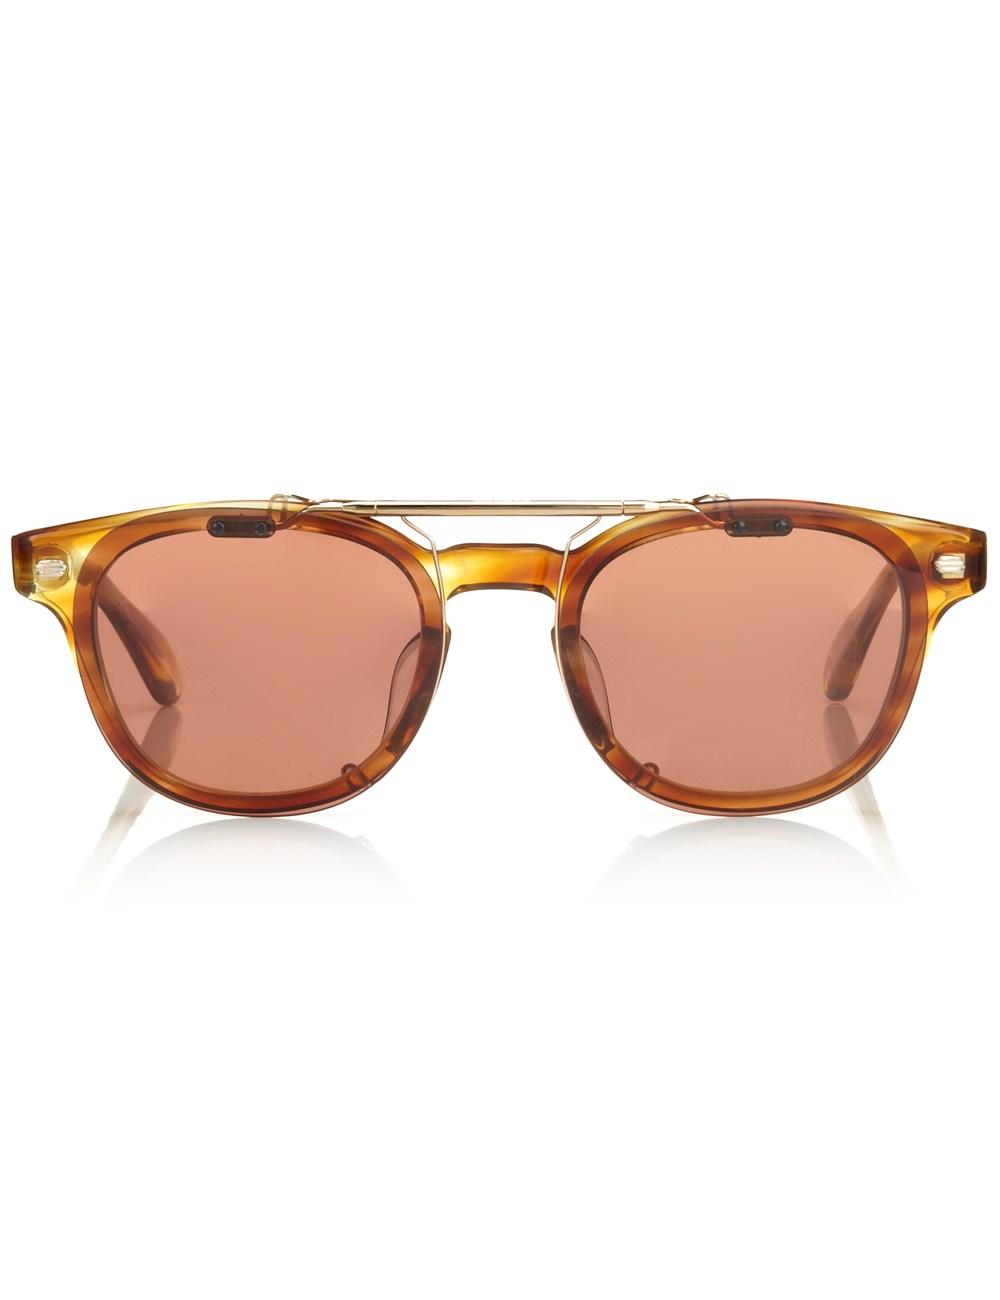 Oliver peoples golden tortoise tokyo sunglasses lyst for Oliver peoples tokyo